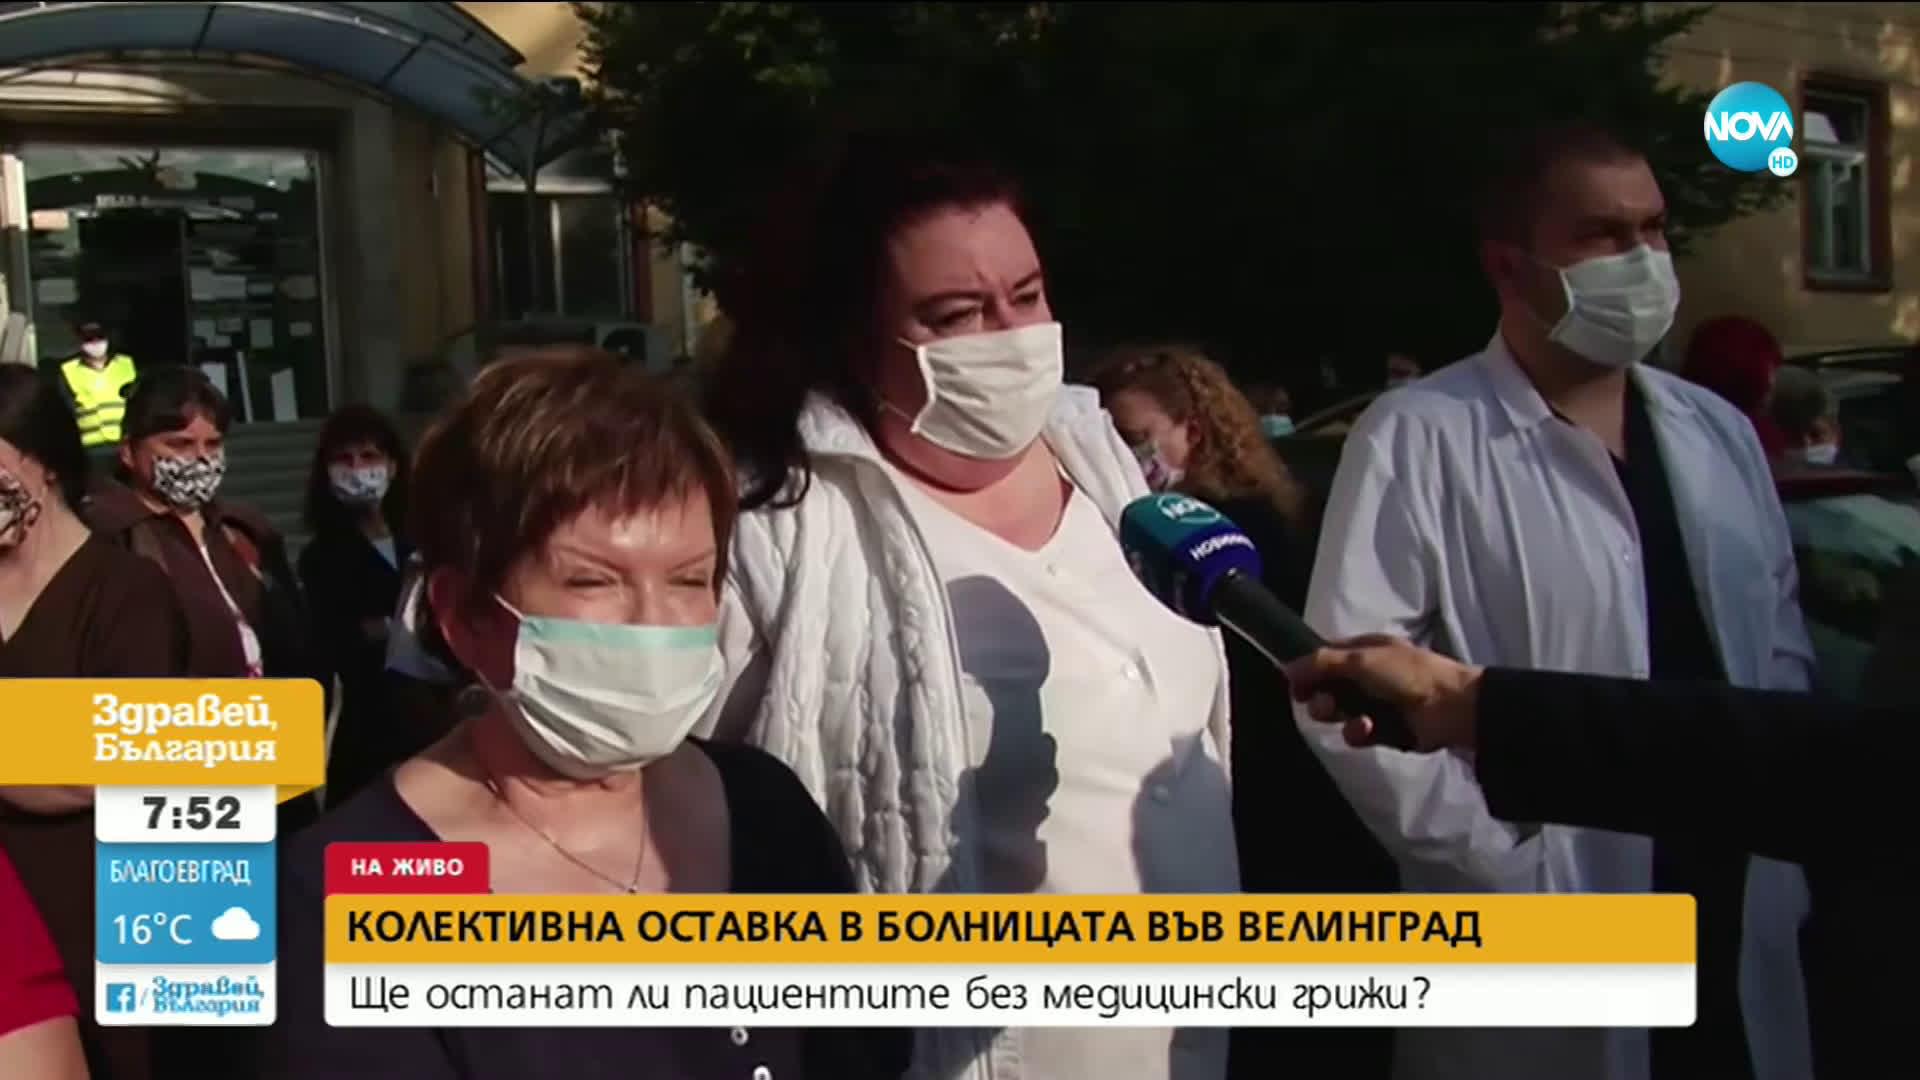 ПО ВРЕМЕ НА ЕПИДЕМИЯ: Медициците от болницата във Велинград подават колективна оставка